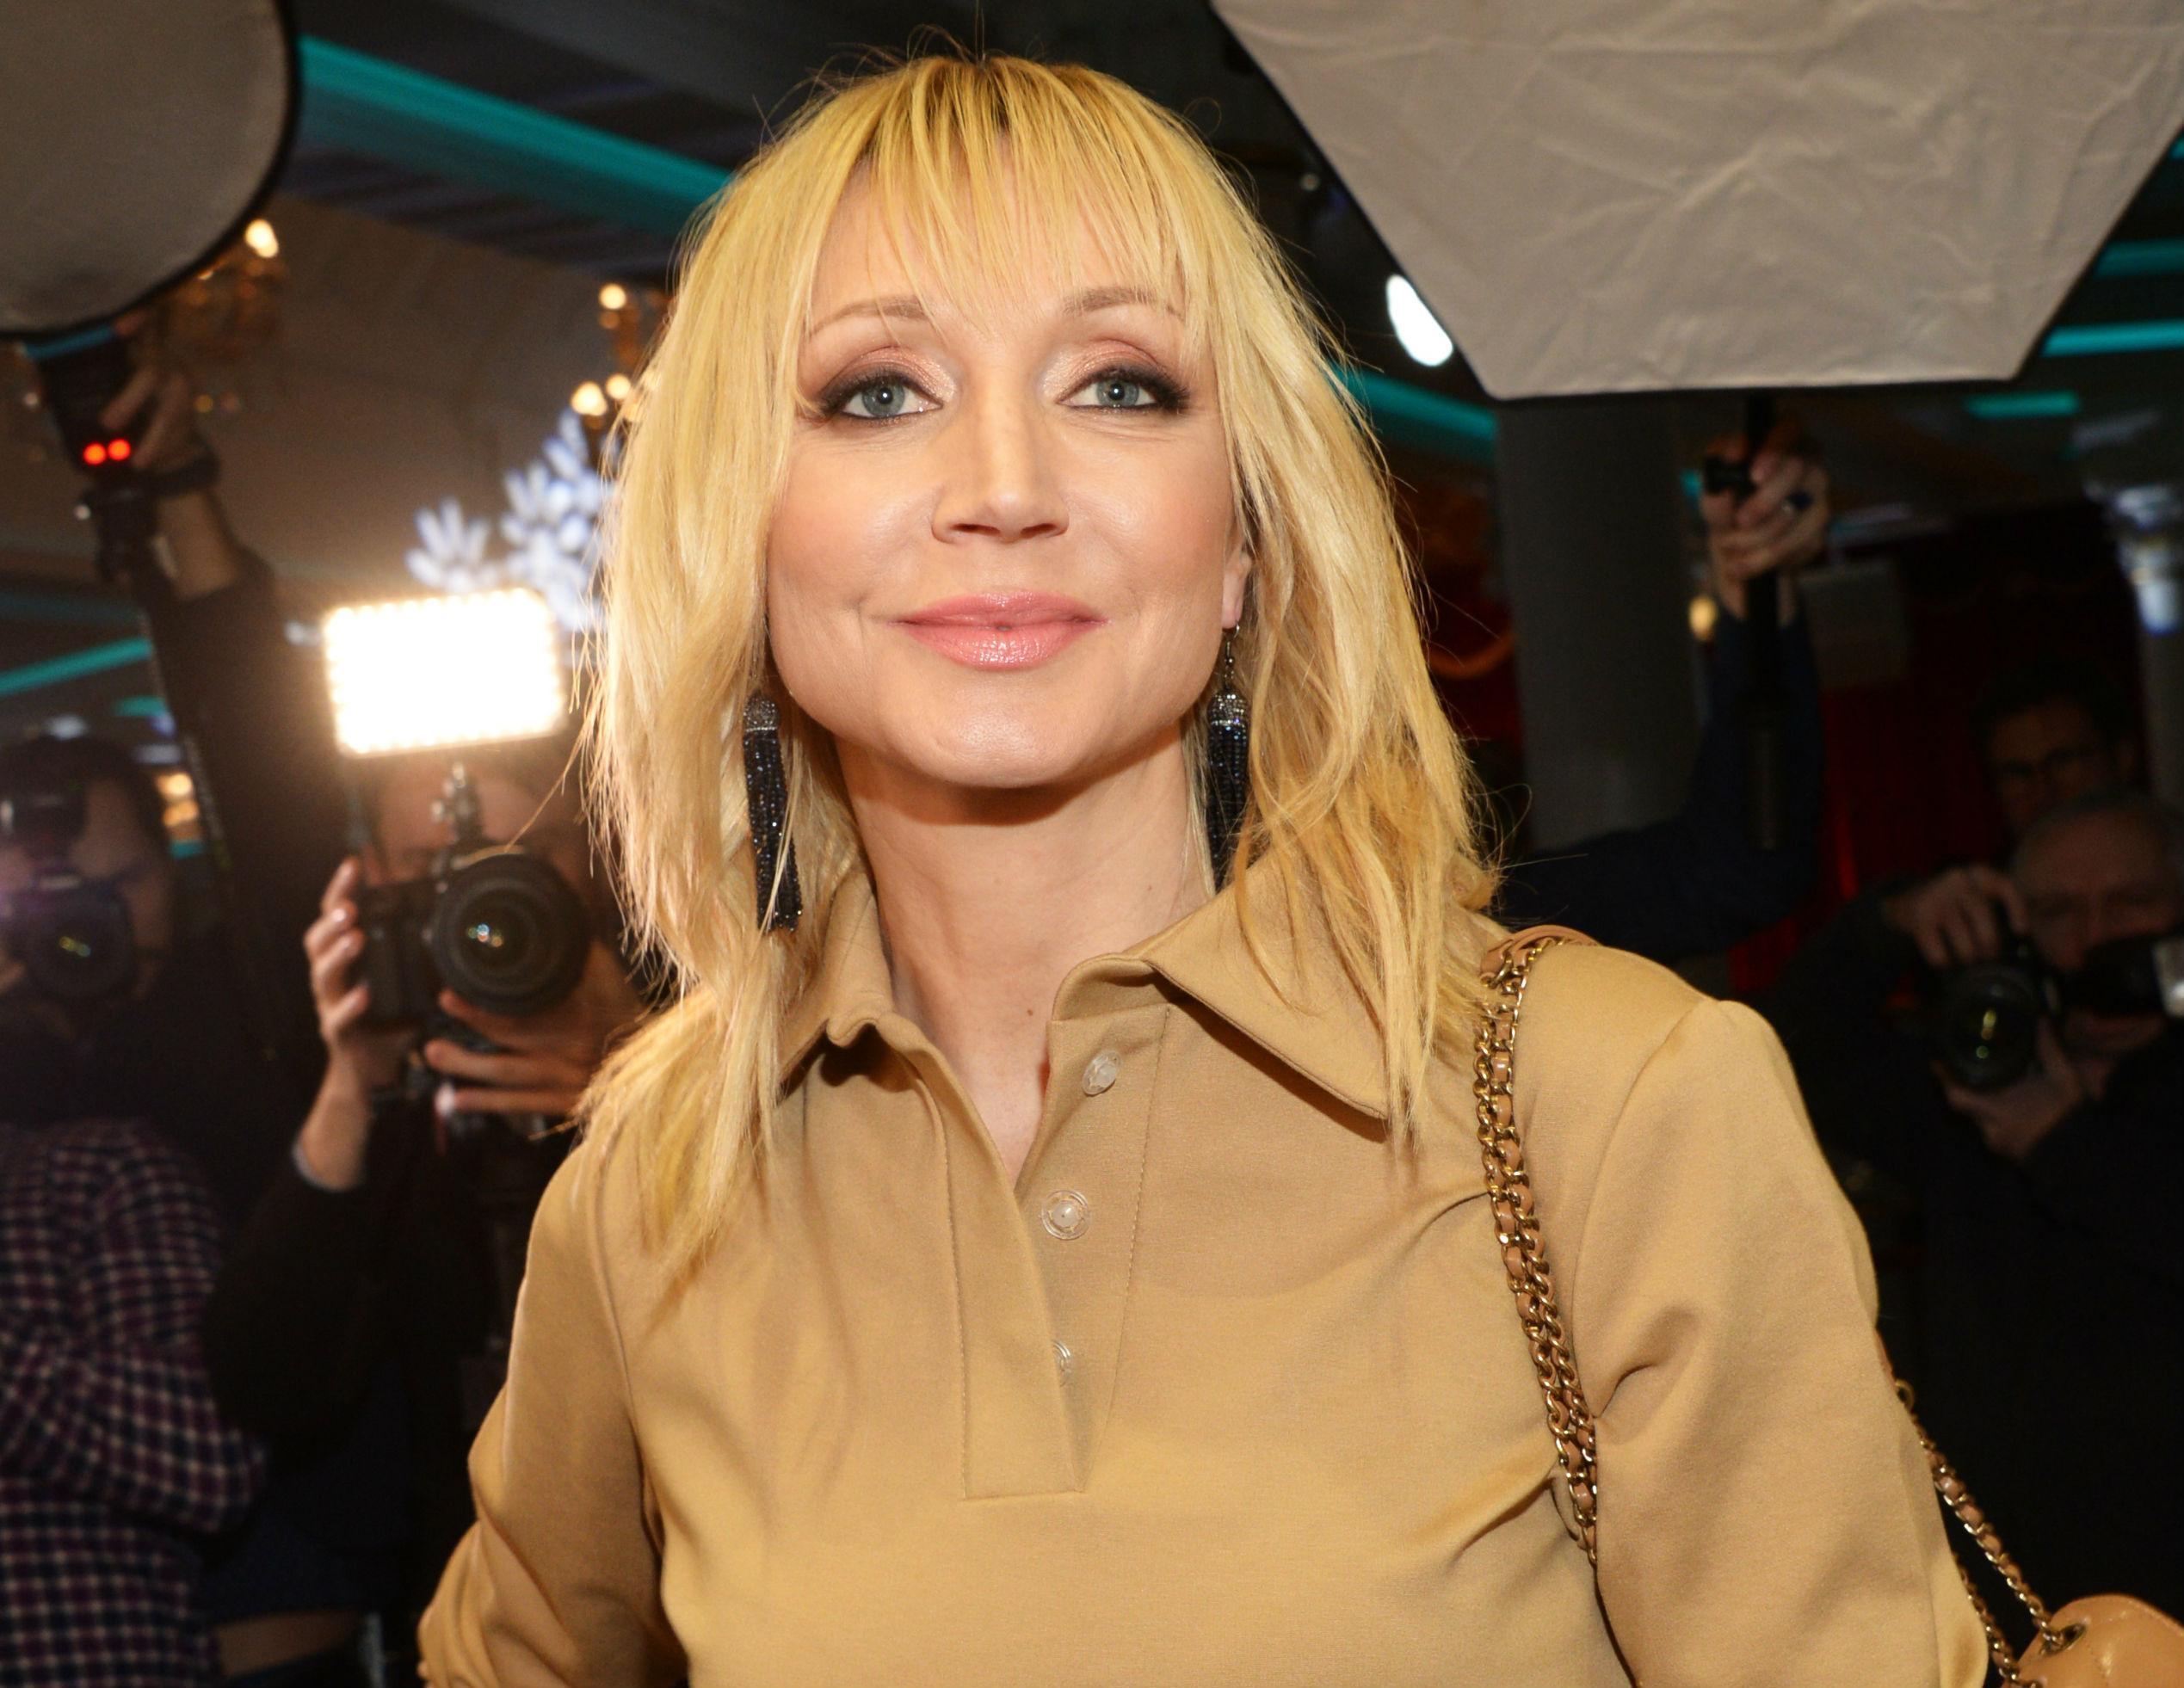 Кристина Орбакайте поддержала Максима Галкина в конфликте с Андреем Малаховым